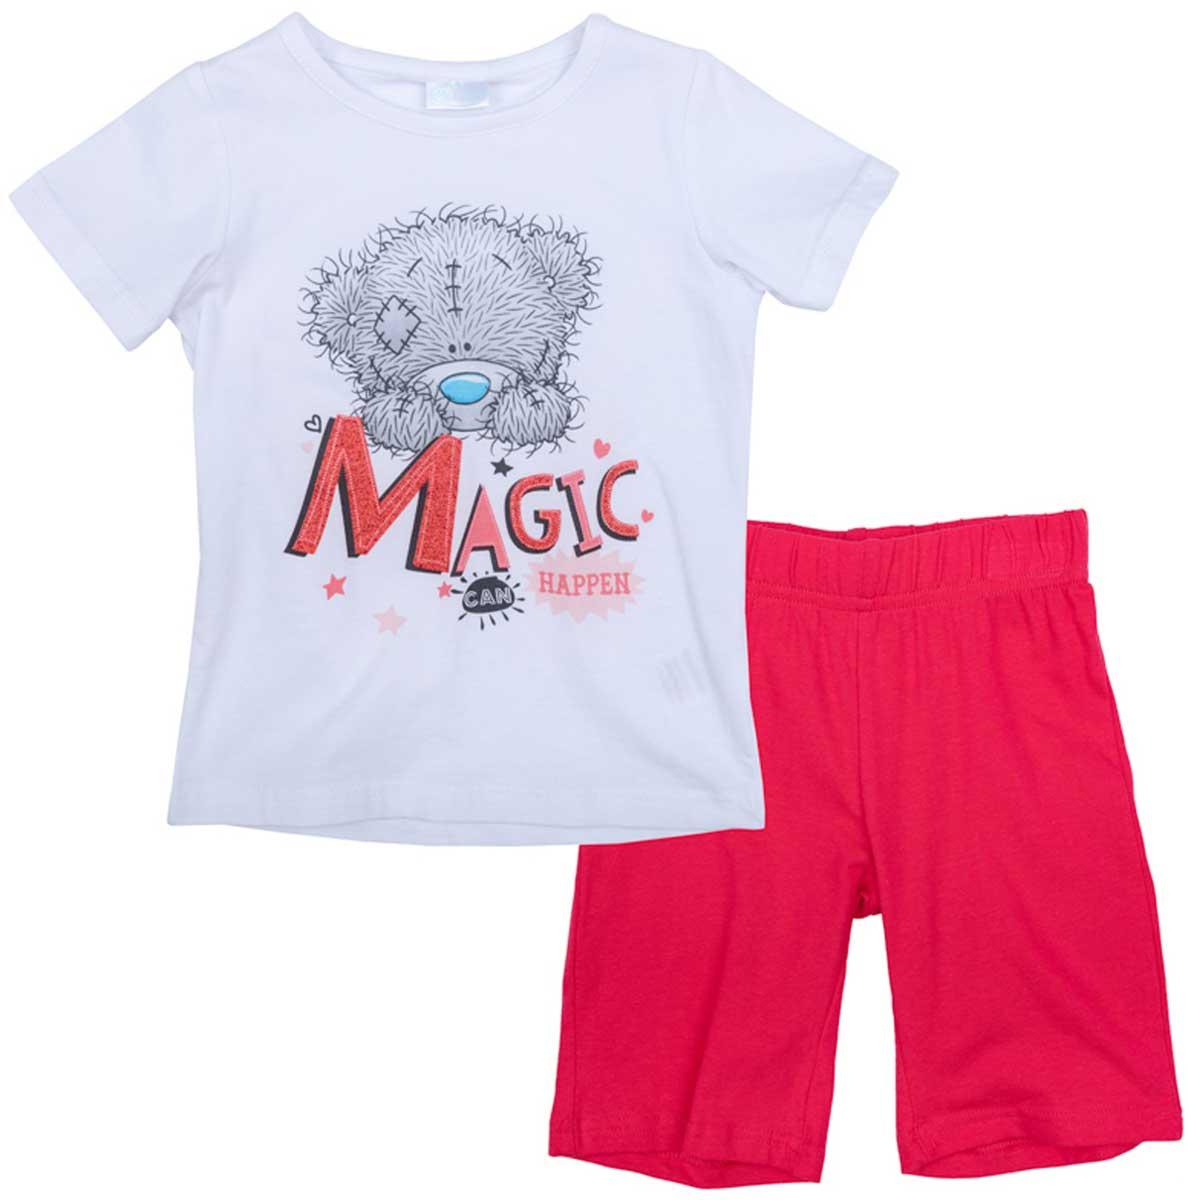 Комплект одежды676008Комплект из майки и шорт прекрасно подойдет для домашнего использования. Может быть и домашней одеждой, и уютной пижамой. Мягкий, приятный к телу, материал не сковывает движений. Яркий стильный принт Disney является достойным украшением данного изделия.Преимущества:Свободный классический крой не сковывает движения ребенкаМожет быть удобной домашней одеждой и уютной пижамой.Яркий стильный принт